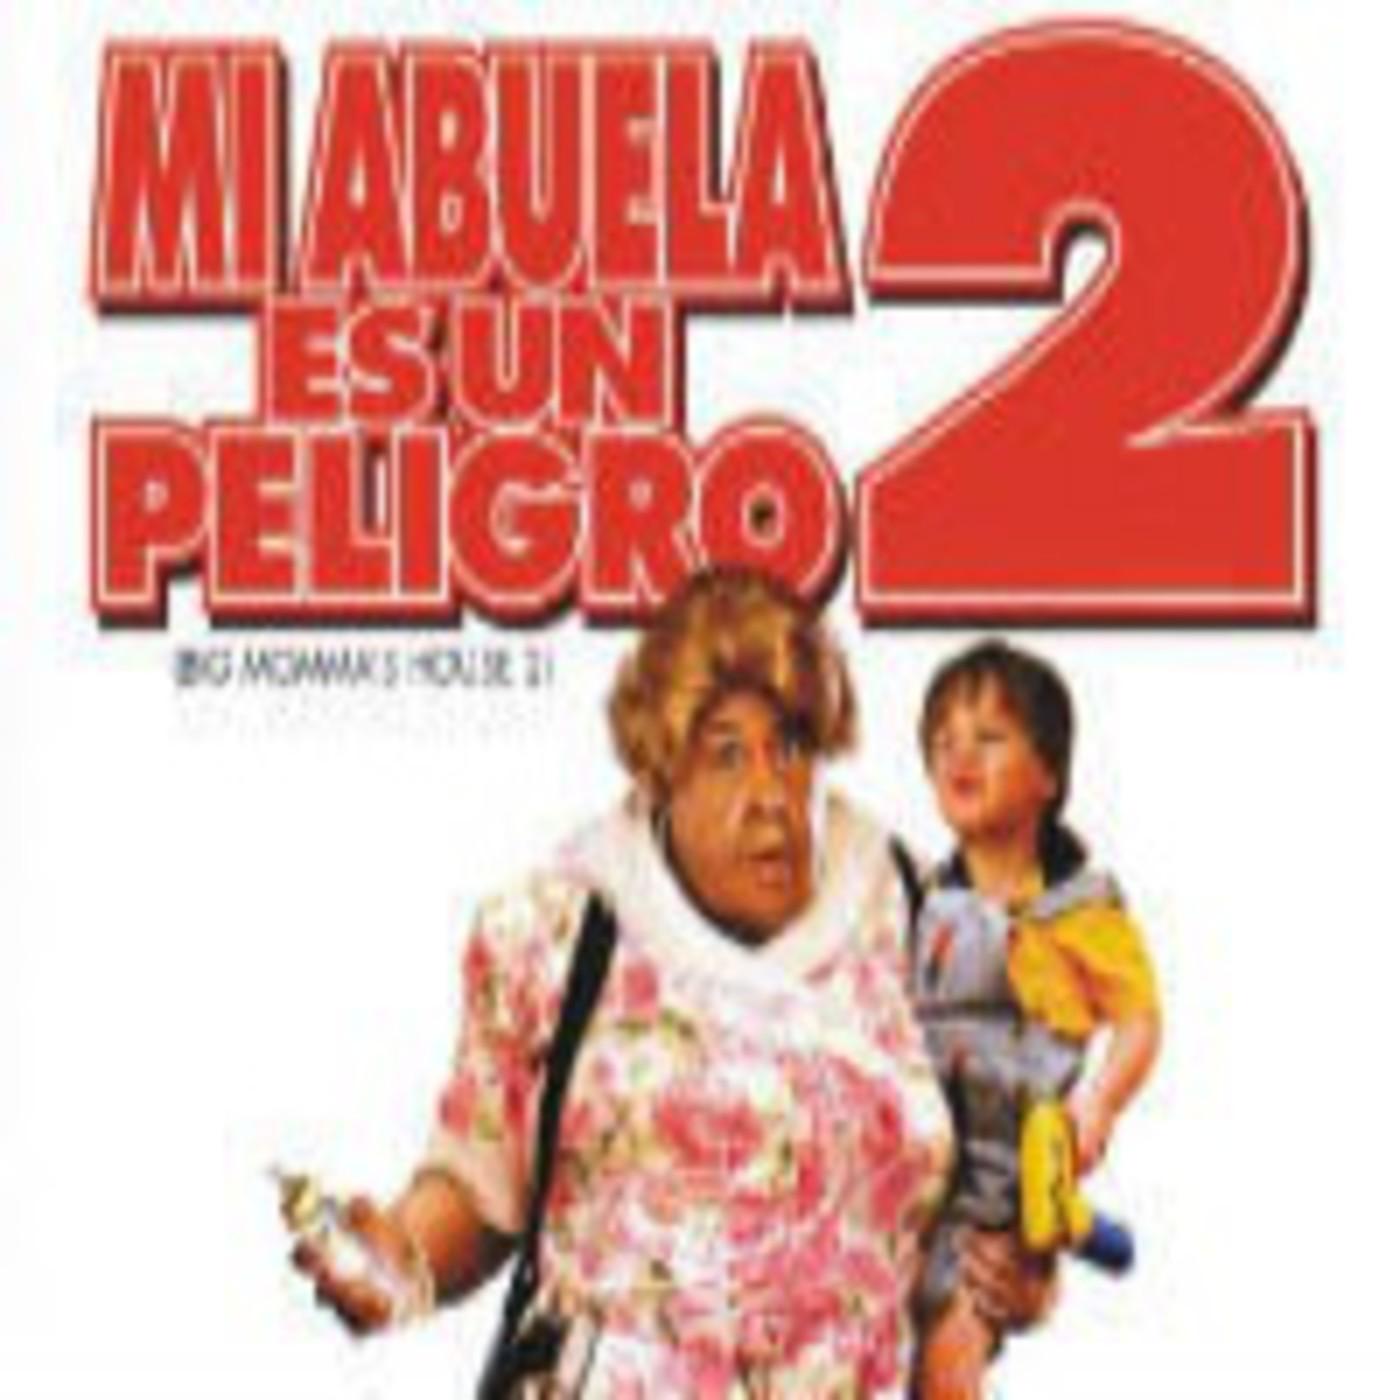 Mi Abuela Es Un Peligro 2 2006 Audio Latino Ad En Películas En Español Latino En Mp3 01 08 A Las 07 13 48 01 33 17 1360642 Ivoox